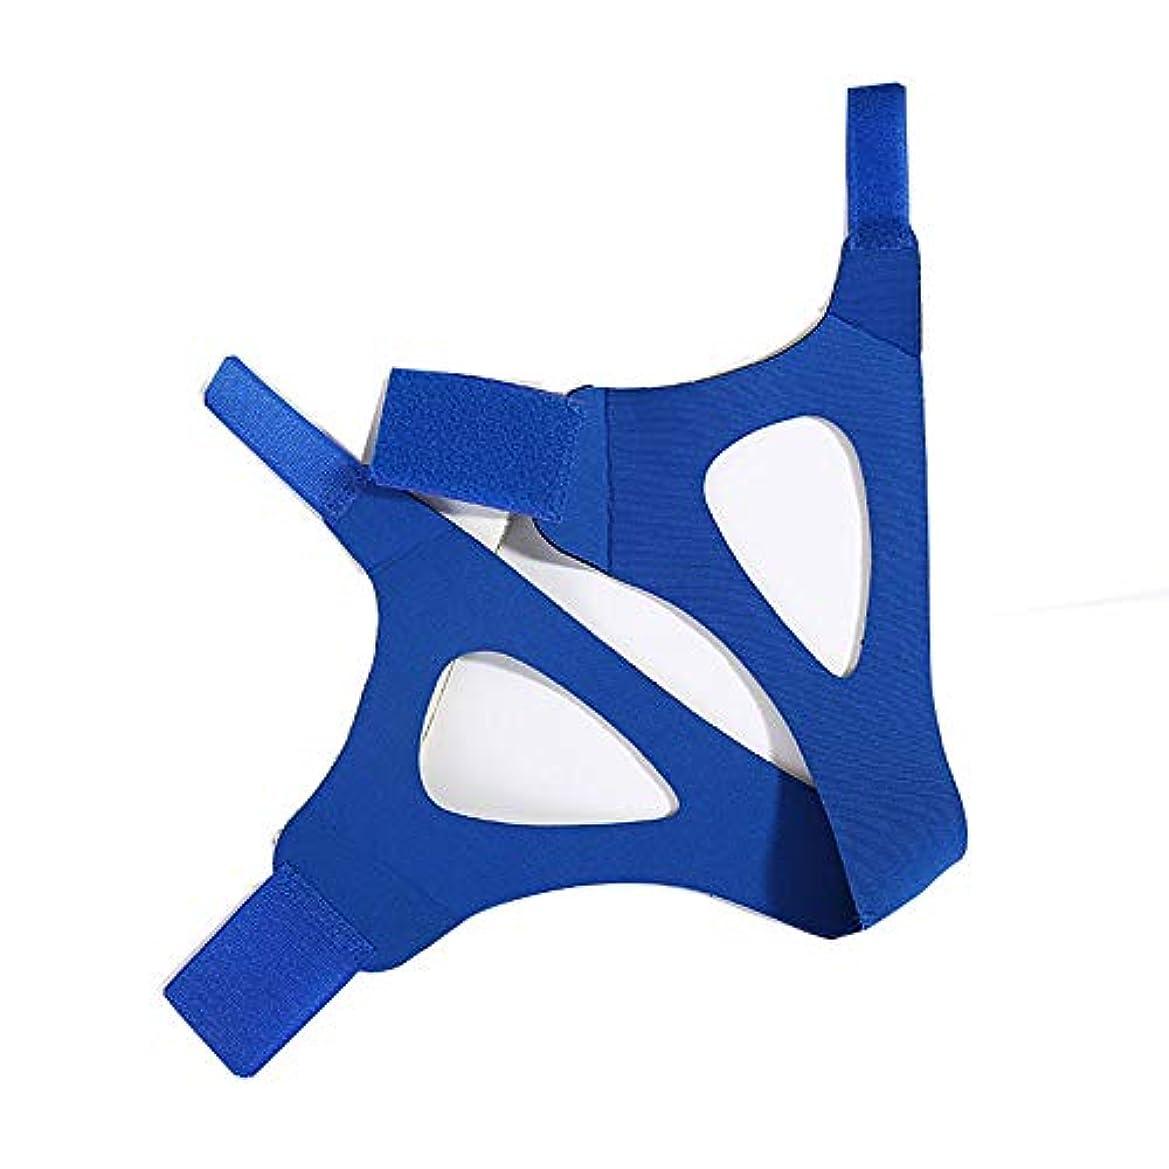 スポンジ奇跡的な投げるフェイスリフティングツール、フェイスリフティング包帯/フェイスリフティングマスク/フェイスコレクションフェイスリフティングデバイス/引き締めリフティングフェイスリフティングベルト(青)